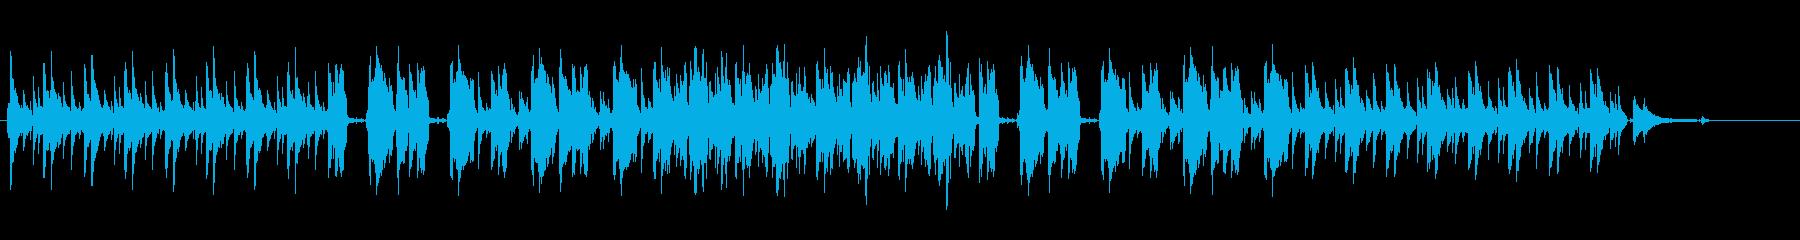 疾走感のあるJAZZの再生済みの波形